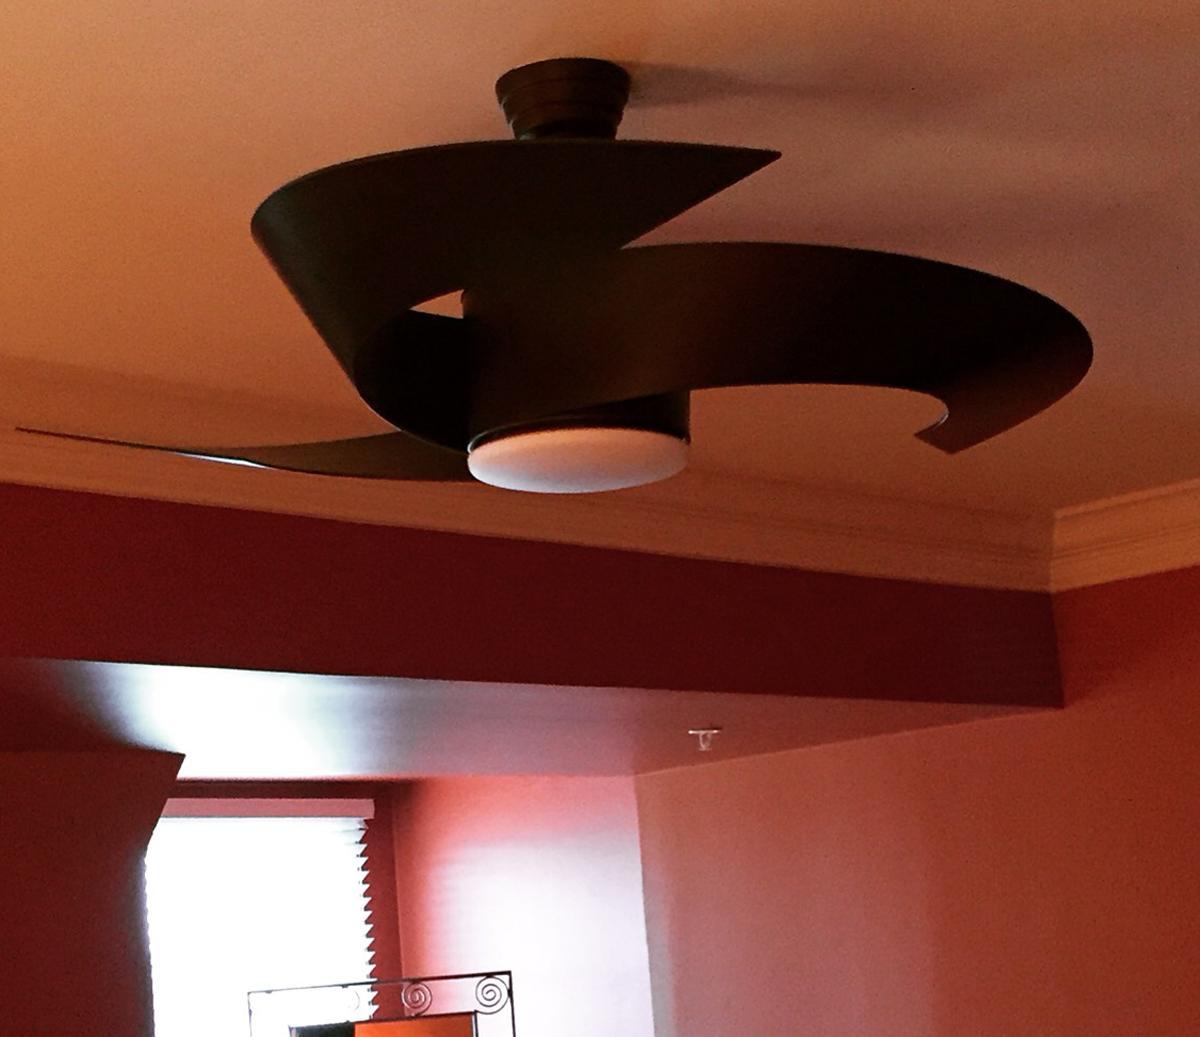 Torto-Ceiling-Fan-featured.jpg